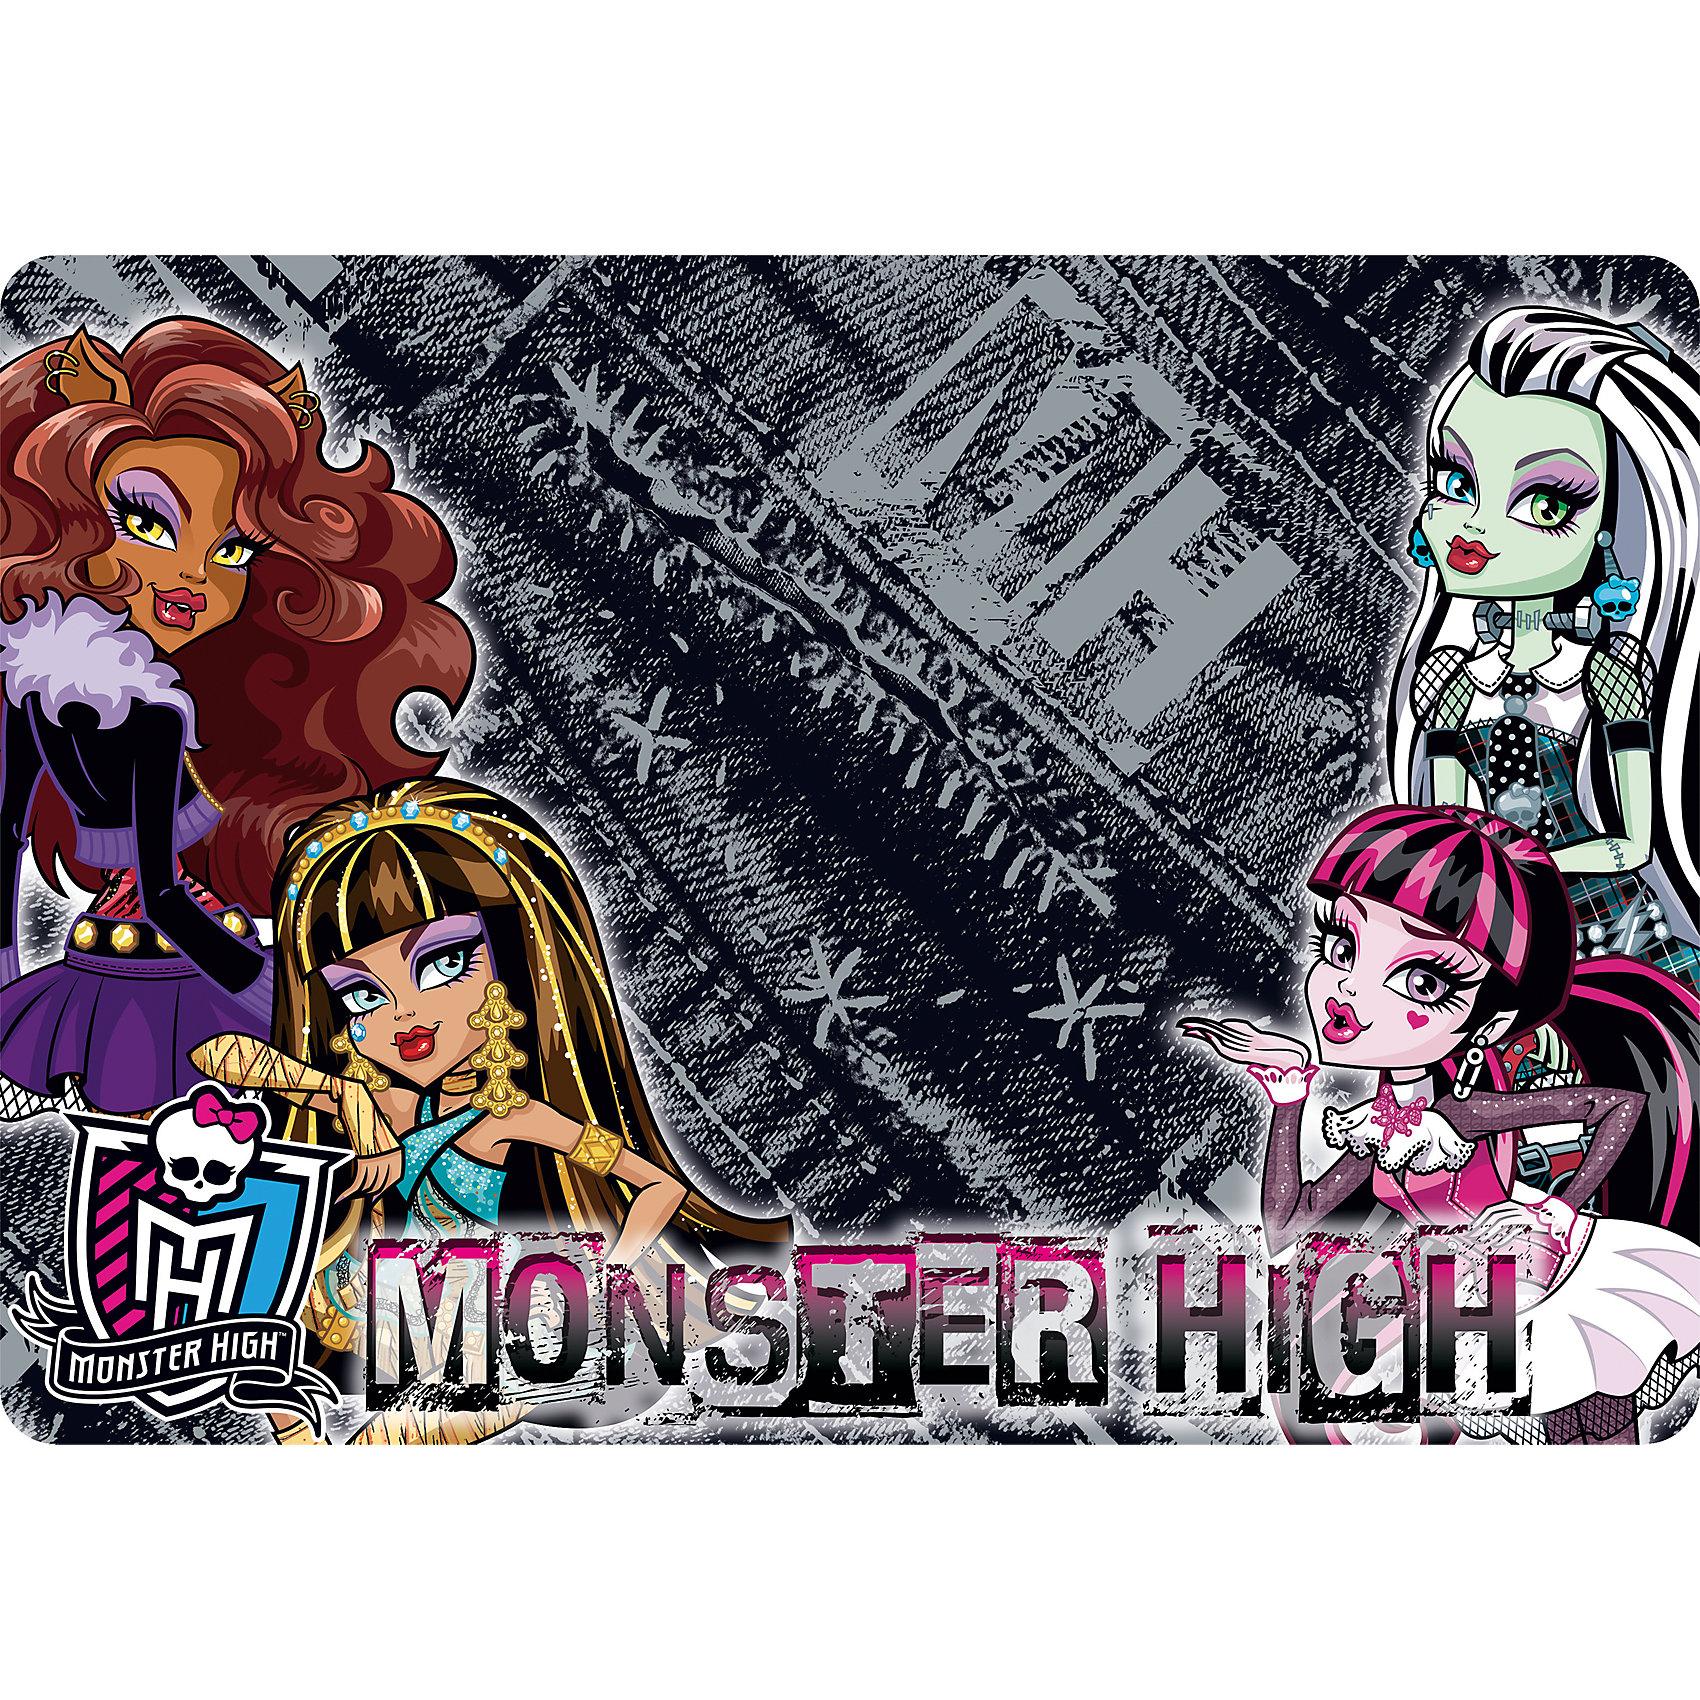 Подкладка А4 Monster High для лепки и рисованияMonster High Товары для школы<br>Подкладка на стол для лепки и рисования А4 формата. Используется как покрытие на стол, предохраняет поверхность рабочего стола от различных повреждений и загрязнений.<br><br>Дополнительная информация:<br><br>Размер: 21 х 30 см.<br><br>Подкладку А4 Monster High (Школа Монстров) для лепки и рисования можно купить в нашем магазине.<br><br>Ширина мм: 210<br>Глубина мм: 300<br>Высота мм: 2<br>Вес г: 40<br>Возраст от месяцев: 36<br>Возраст до месяцев: 144<br>Пол: Женский<br>Возраст: Детский<br>SKU: 4177201